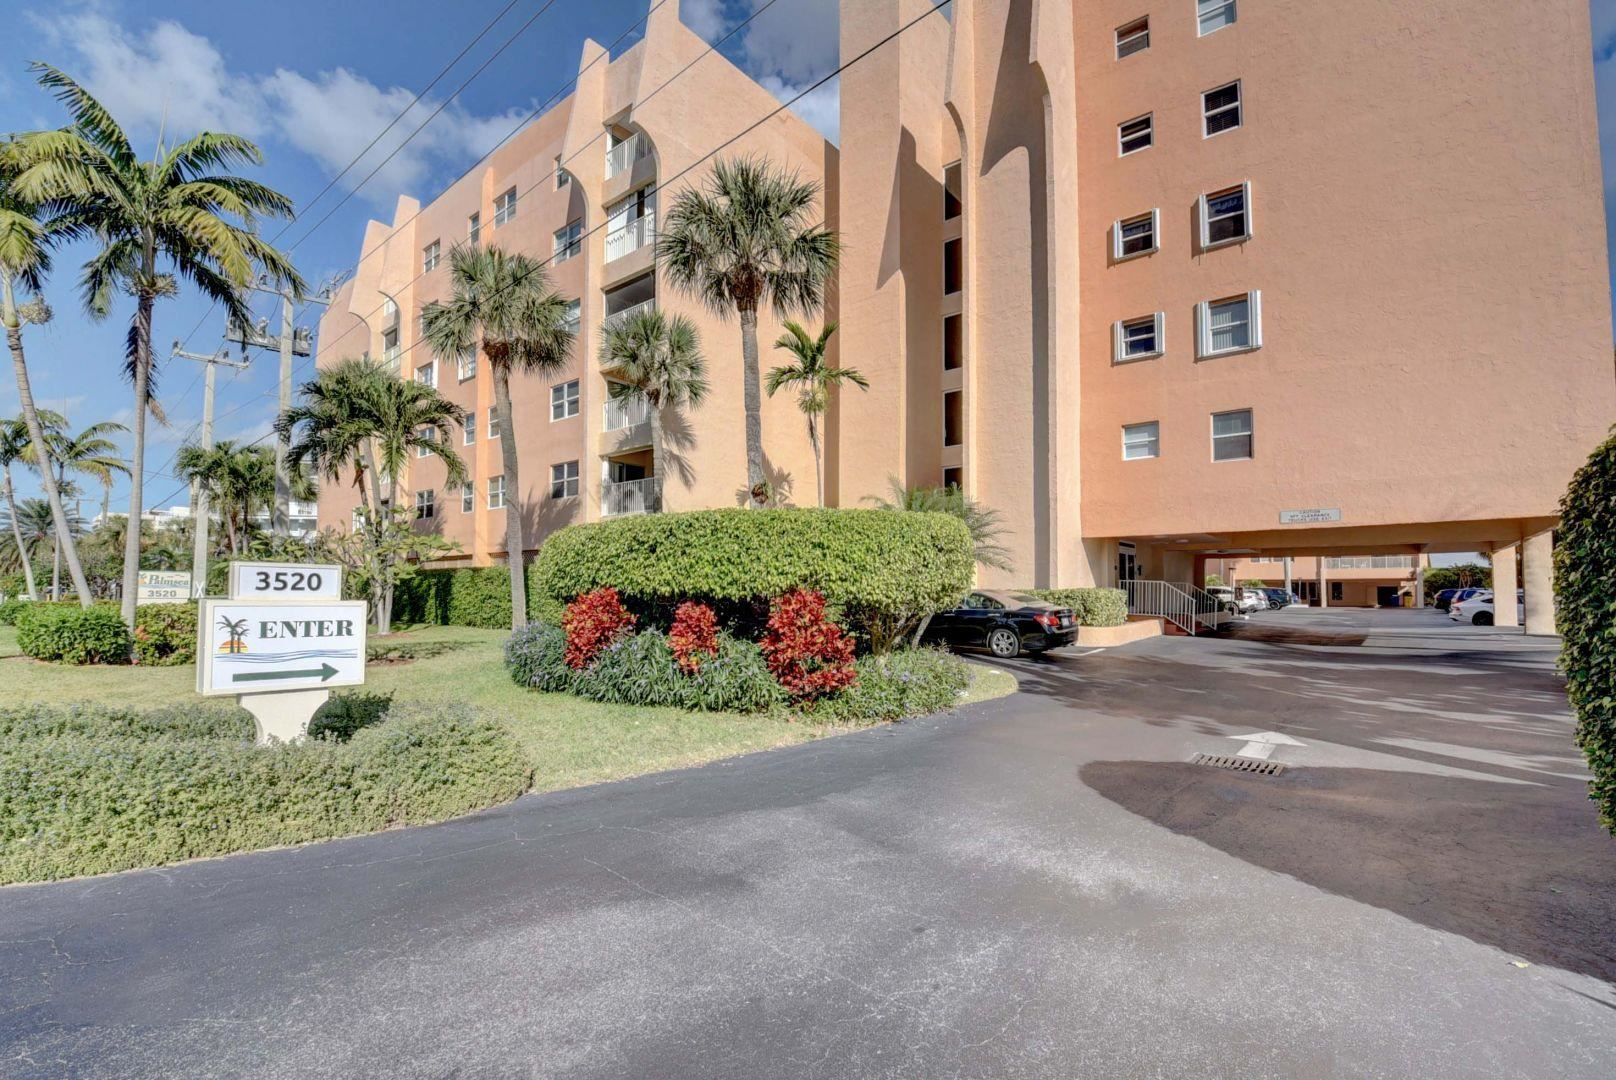 3520 S Ocean Boulevard #H401, South Palm Beach, FL 33480 - #: RX-10683886